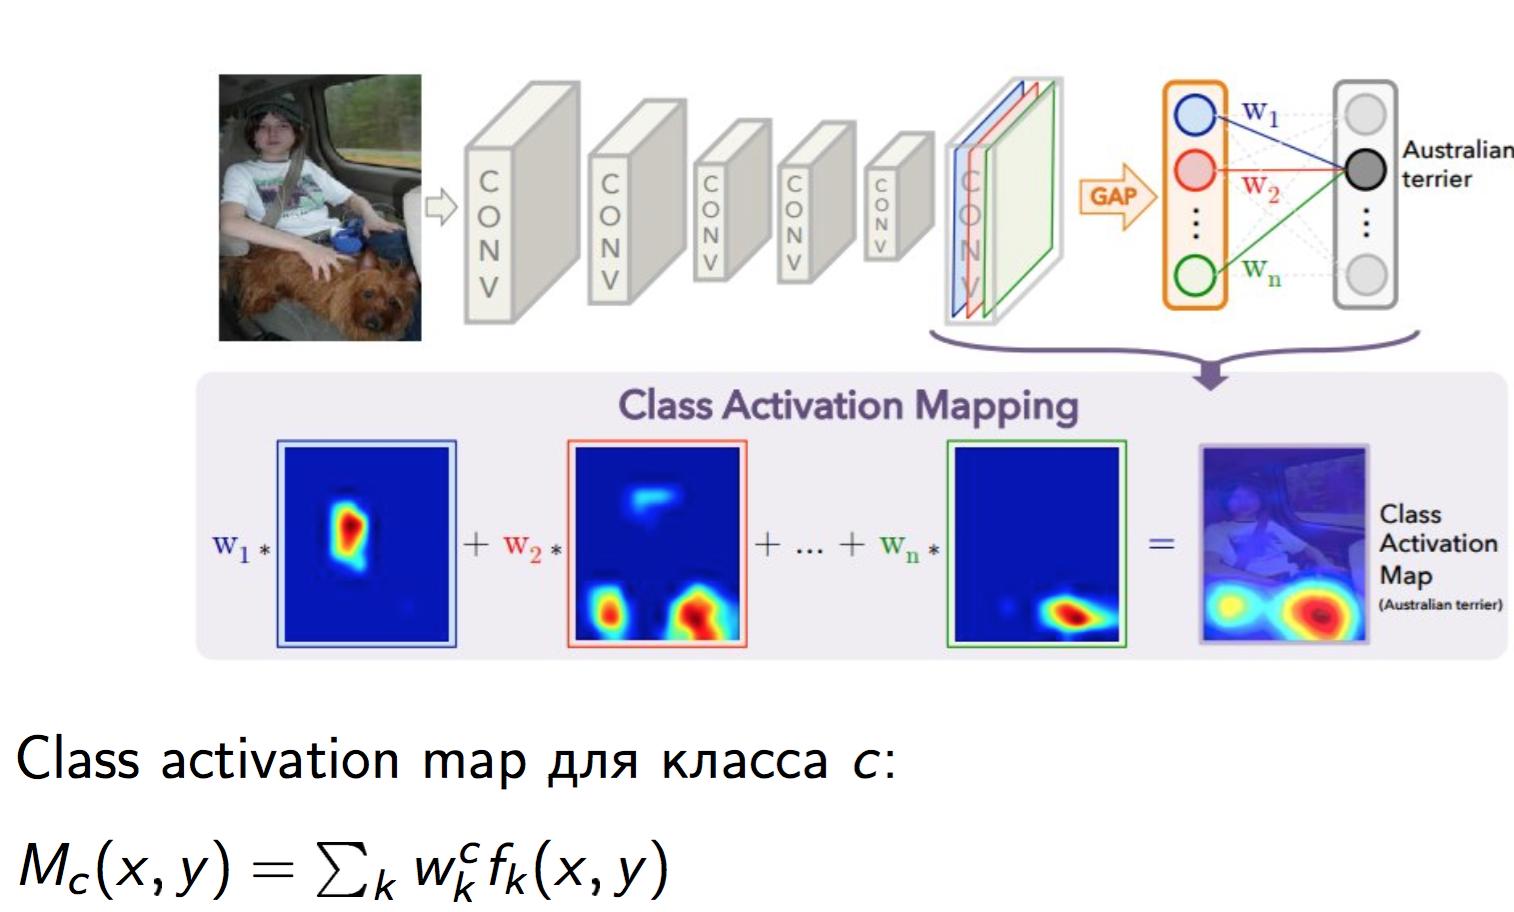 Распознавание сцен на изображениях с помощью глубоких свёрточных нейронных сетей - 36